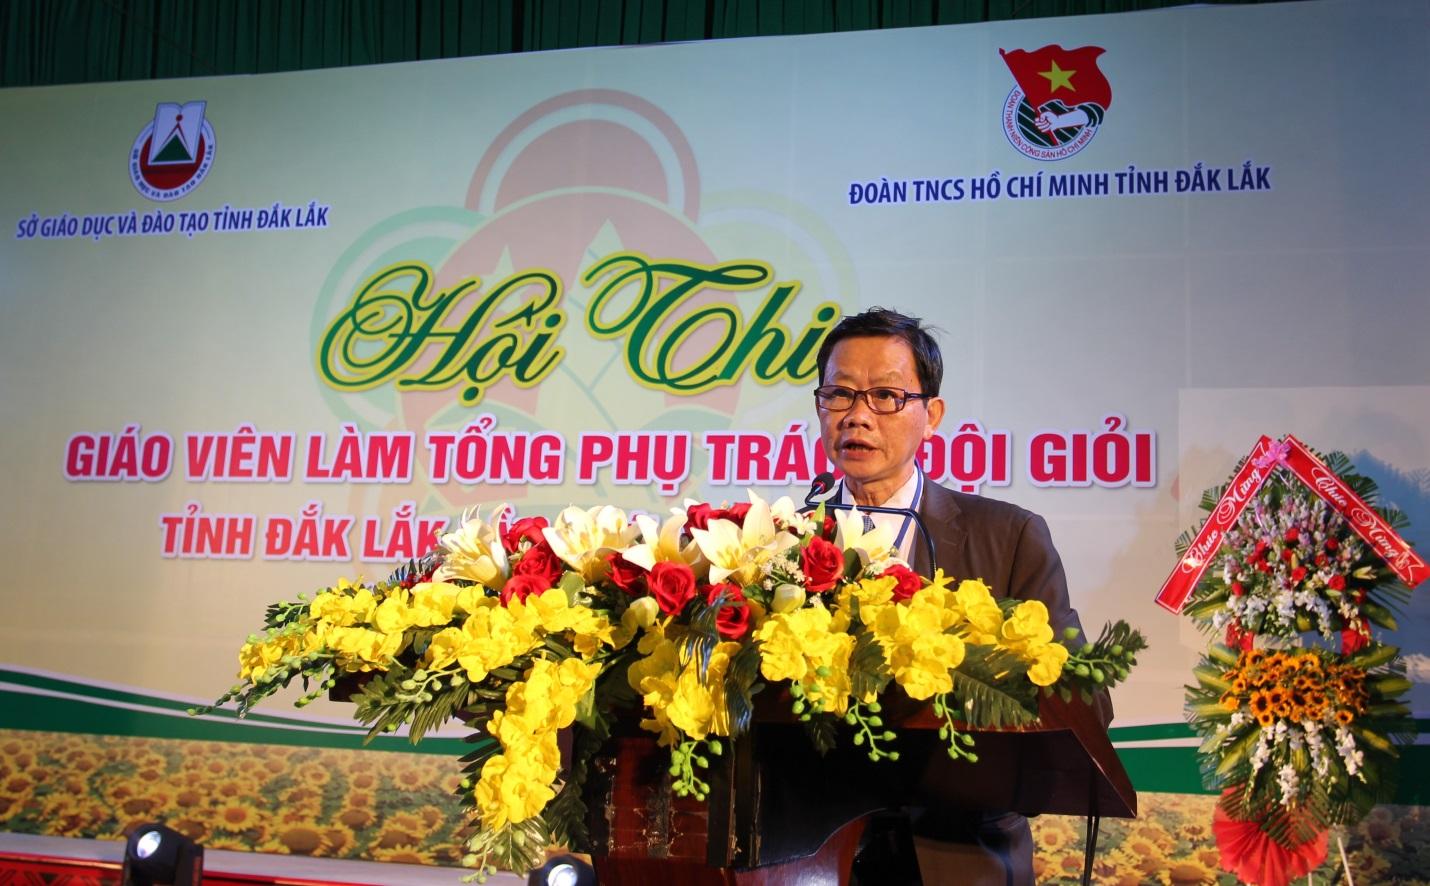 Hội thi giáo viên làm tổng phụ trách Đội giỏi cấp tỉnh lần thứ II năm 2020